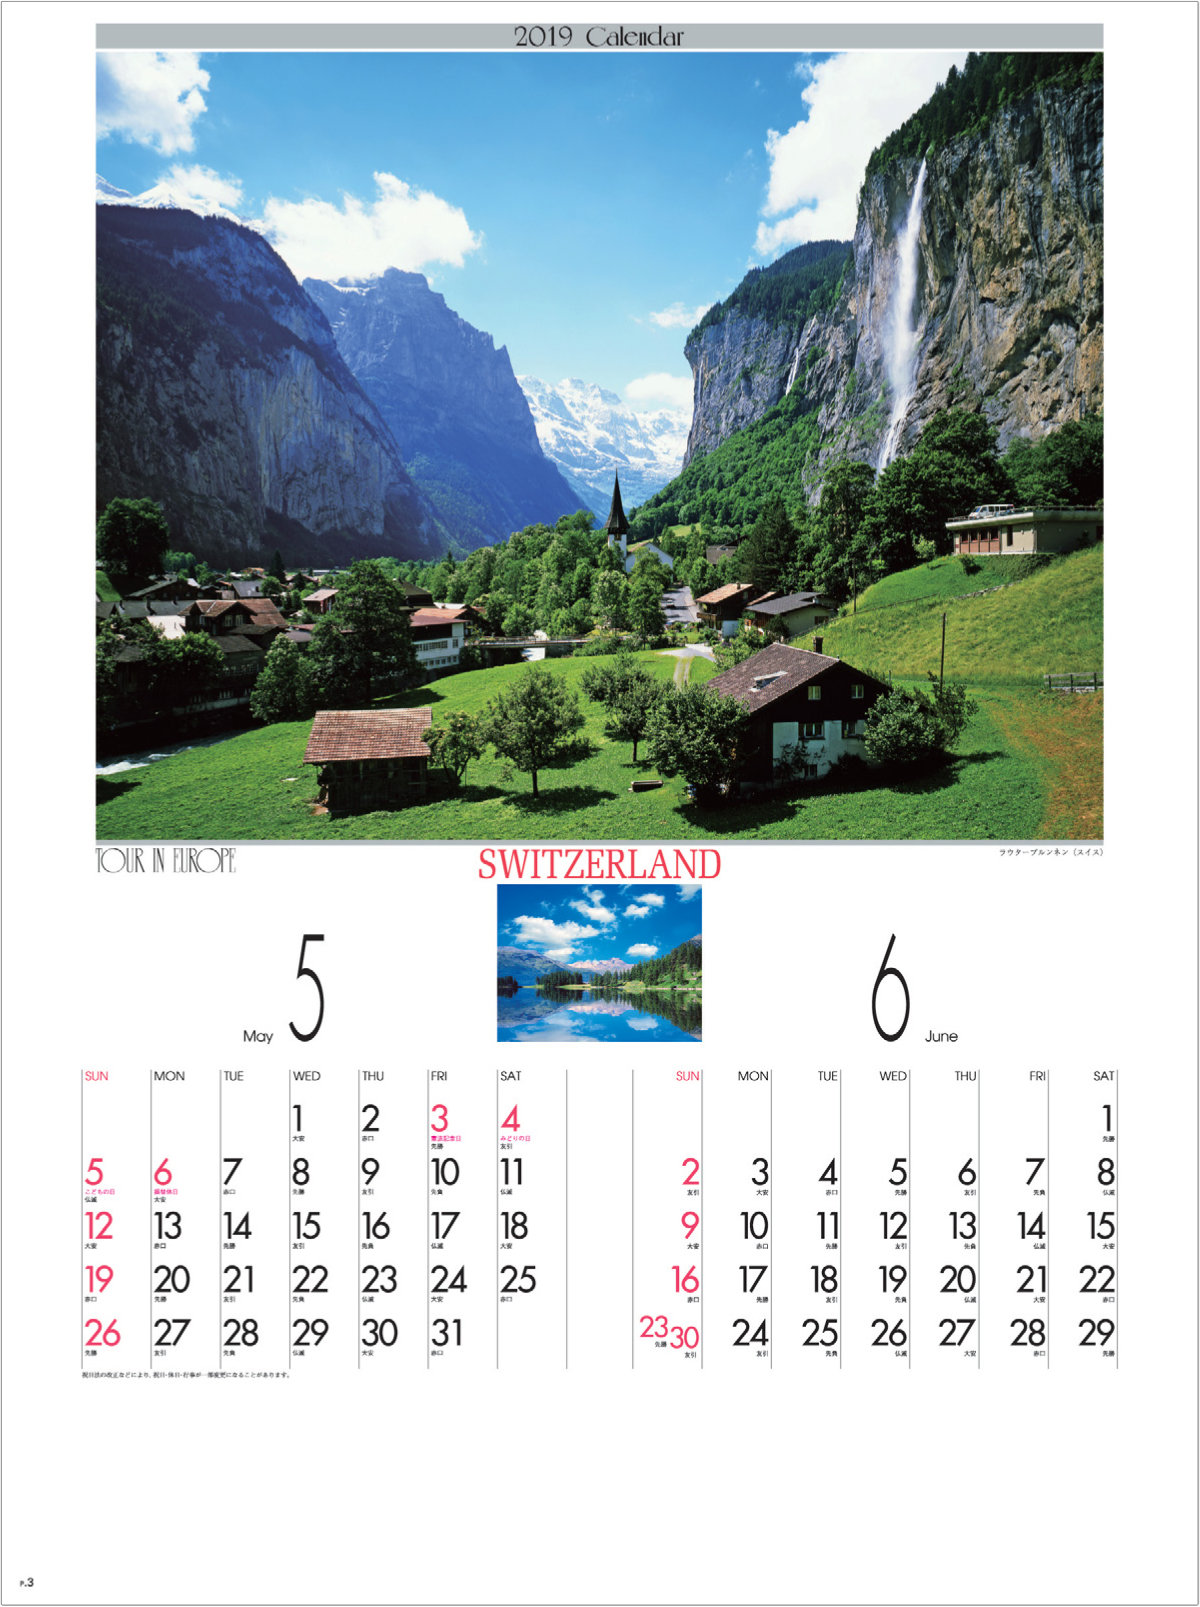 画像:ラウターブルンネンの村の風景(スイス) ヨーロッパの旅 2019年カレンダー